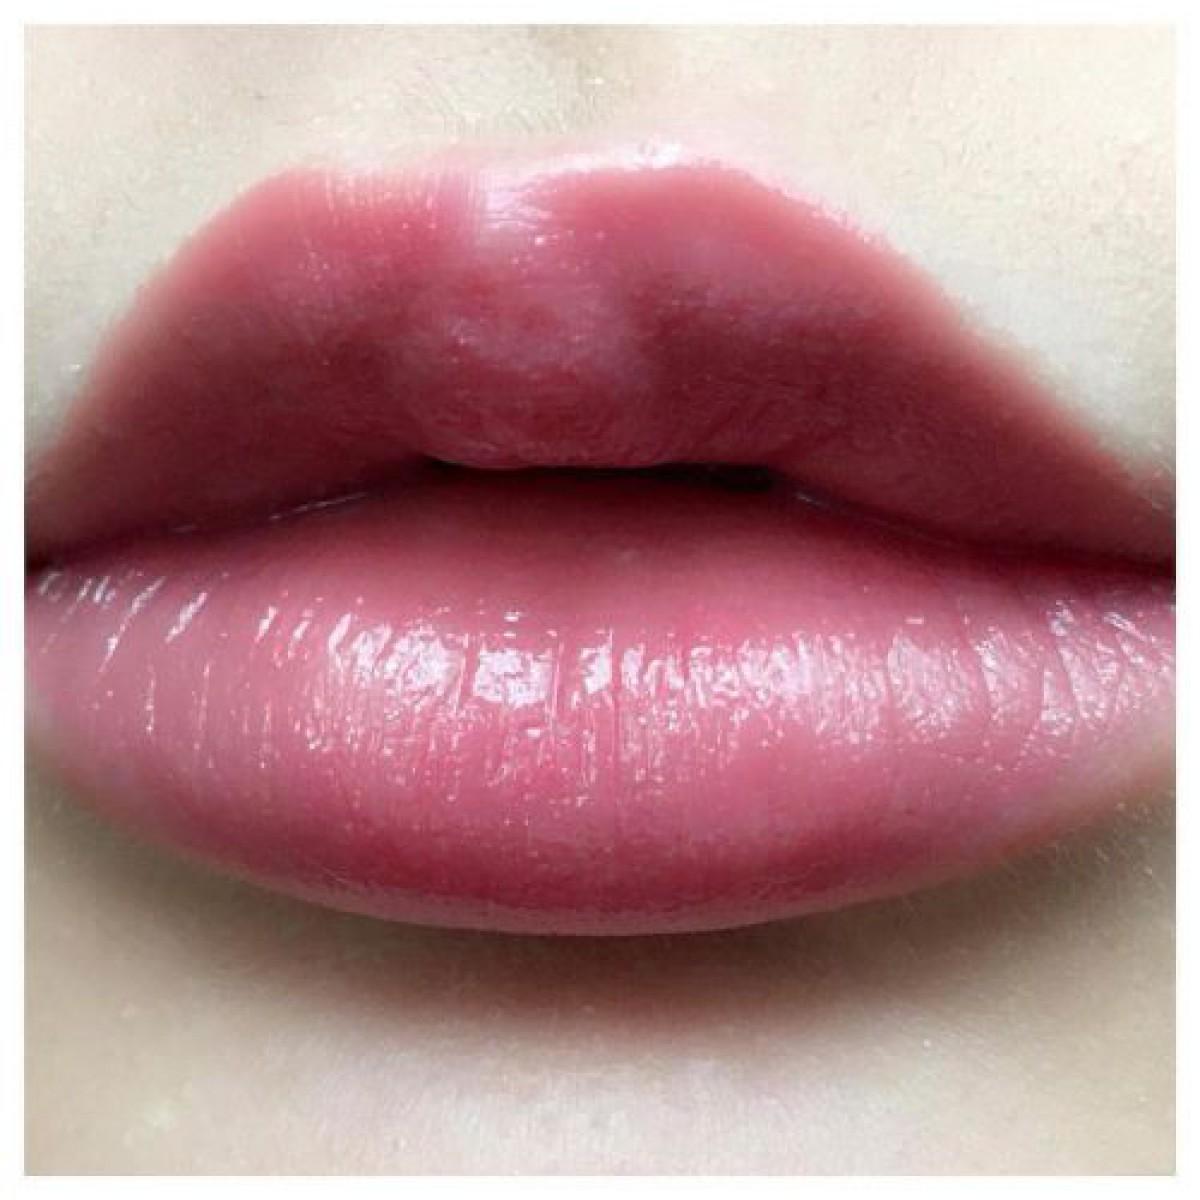 【マキアージュのリップ】人気29色を塗り比べ!大人の唇に合うモテリップはコレ